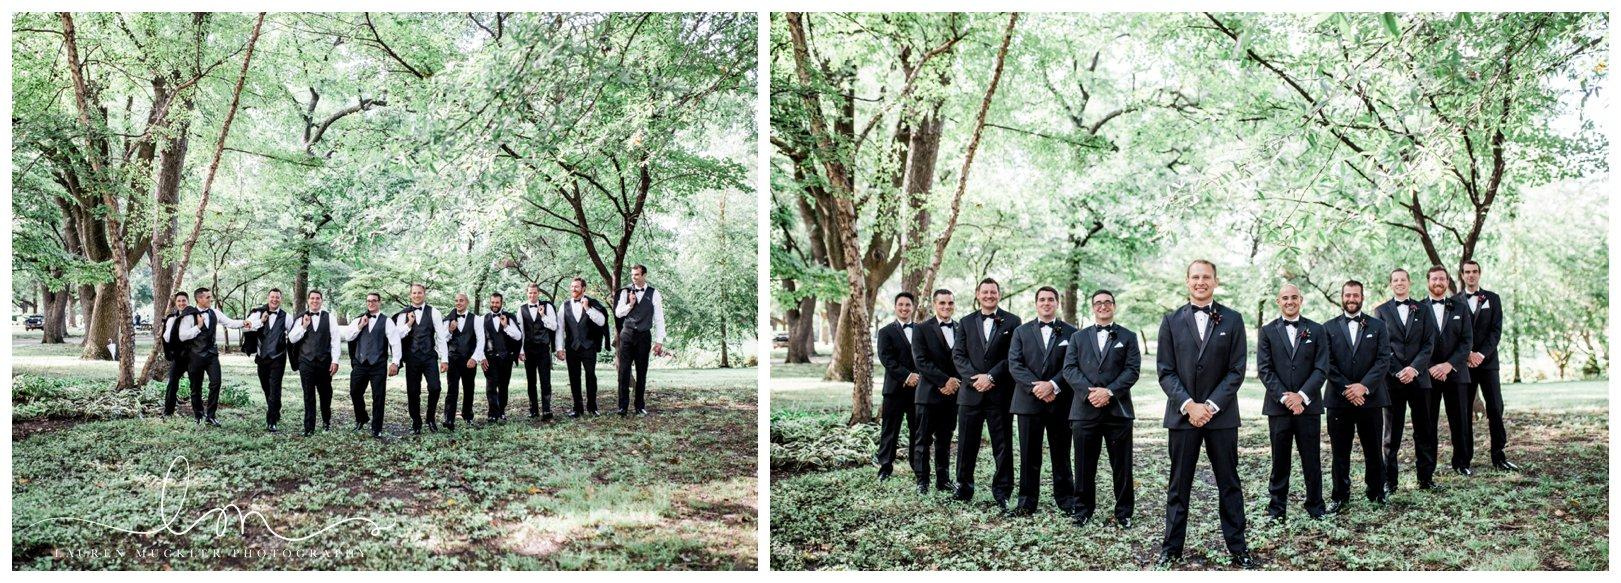 lauren muckler photography_fine art film wedding photography_st louis_photography_0815.jpg